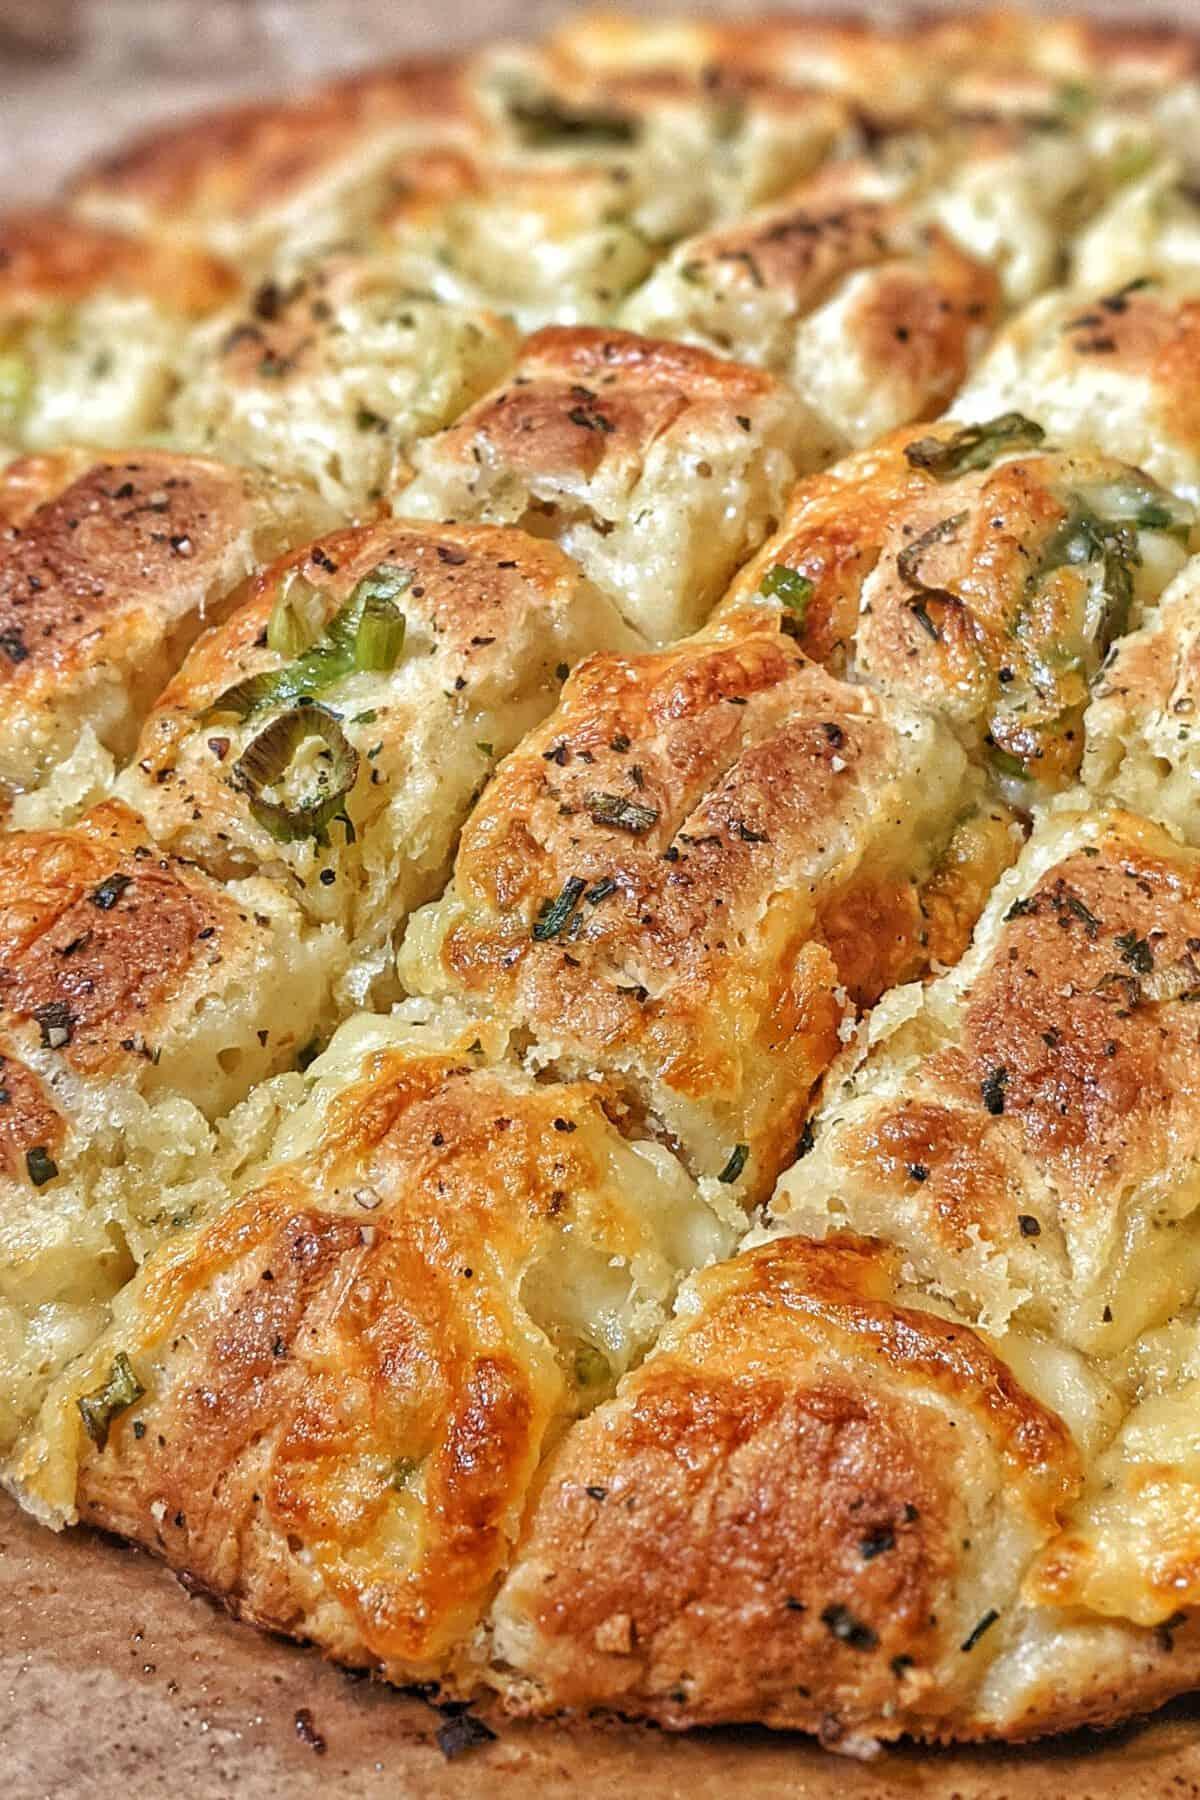 Das Knoblauch-Mozzarella Brot auf einem Holzbrett.